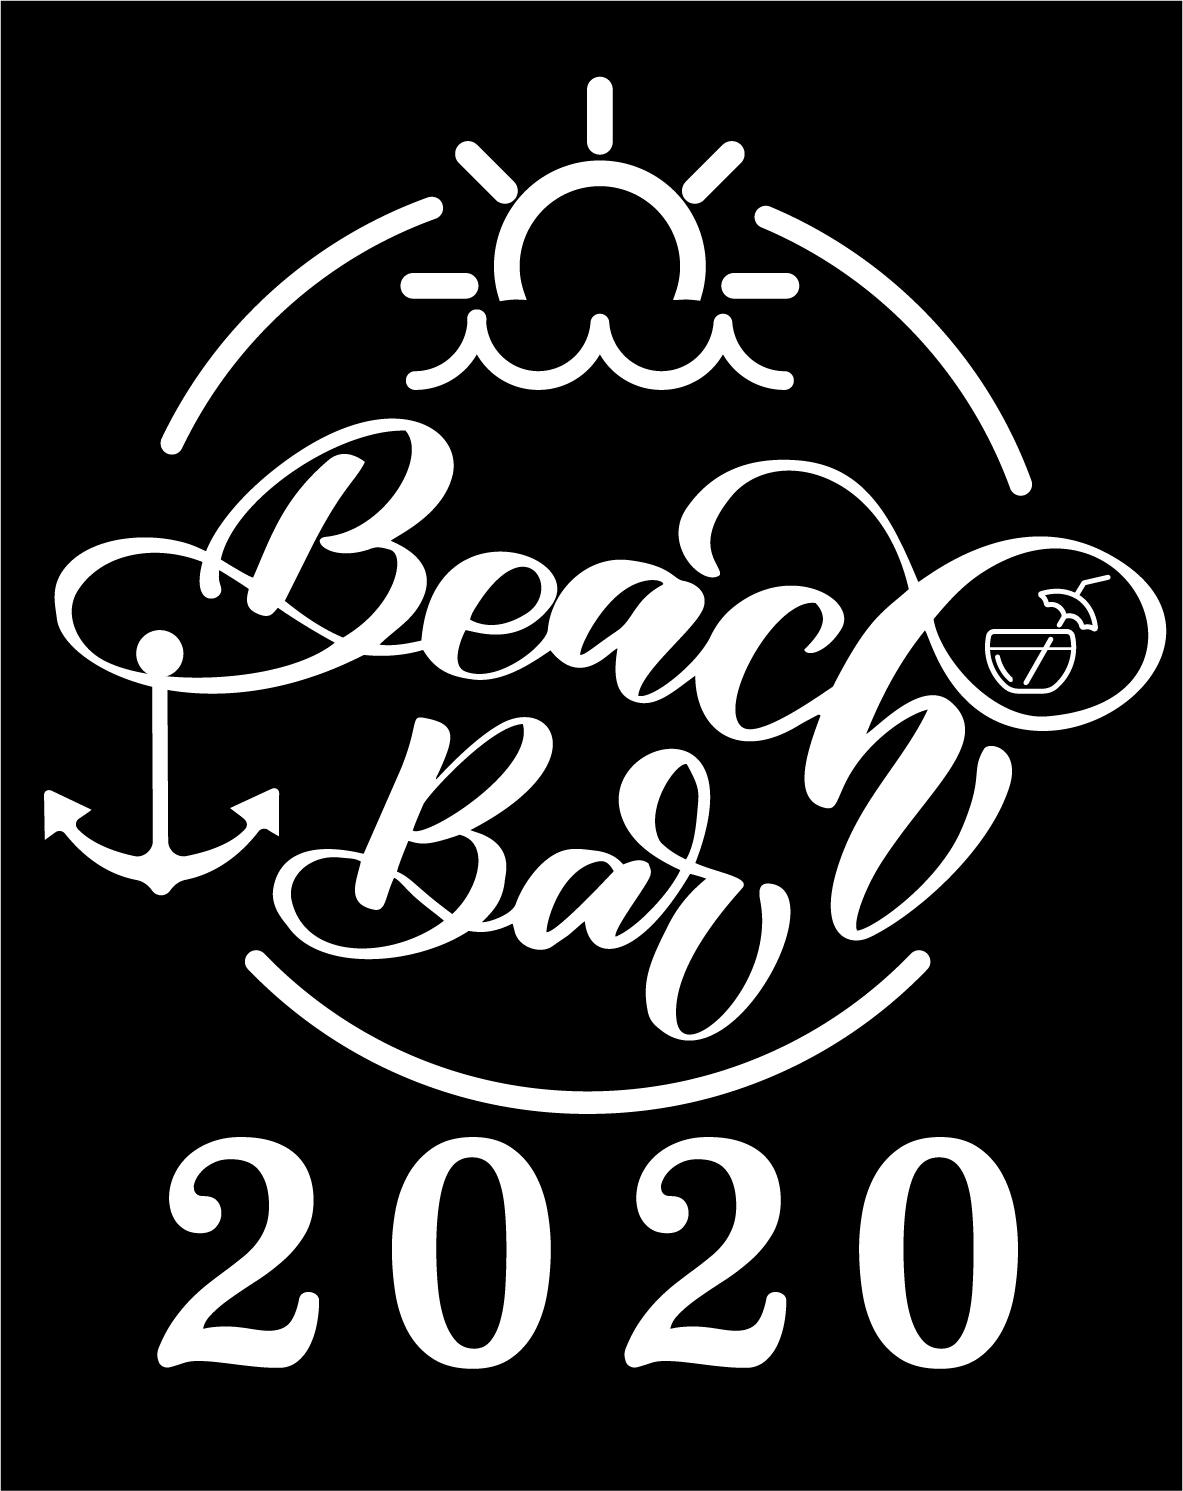 Sfeerbeeld Beach-Bar 2020